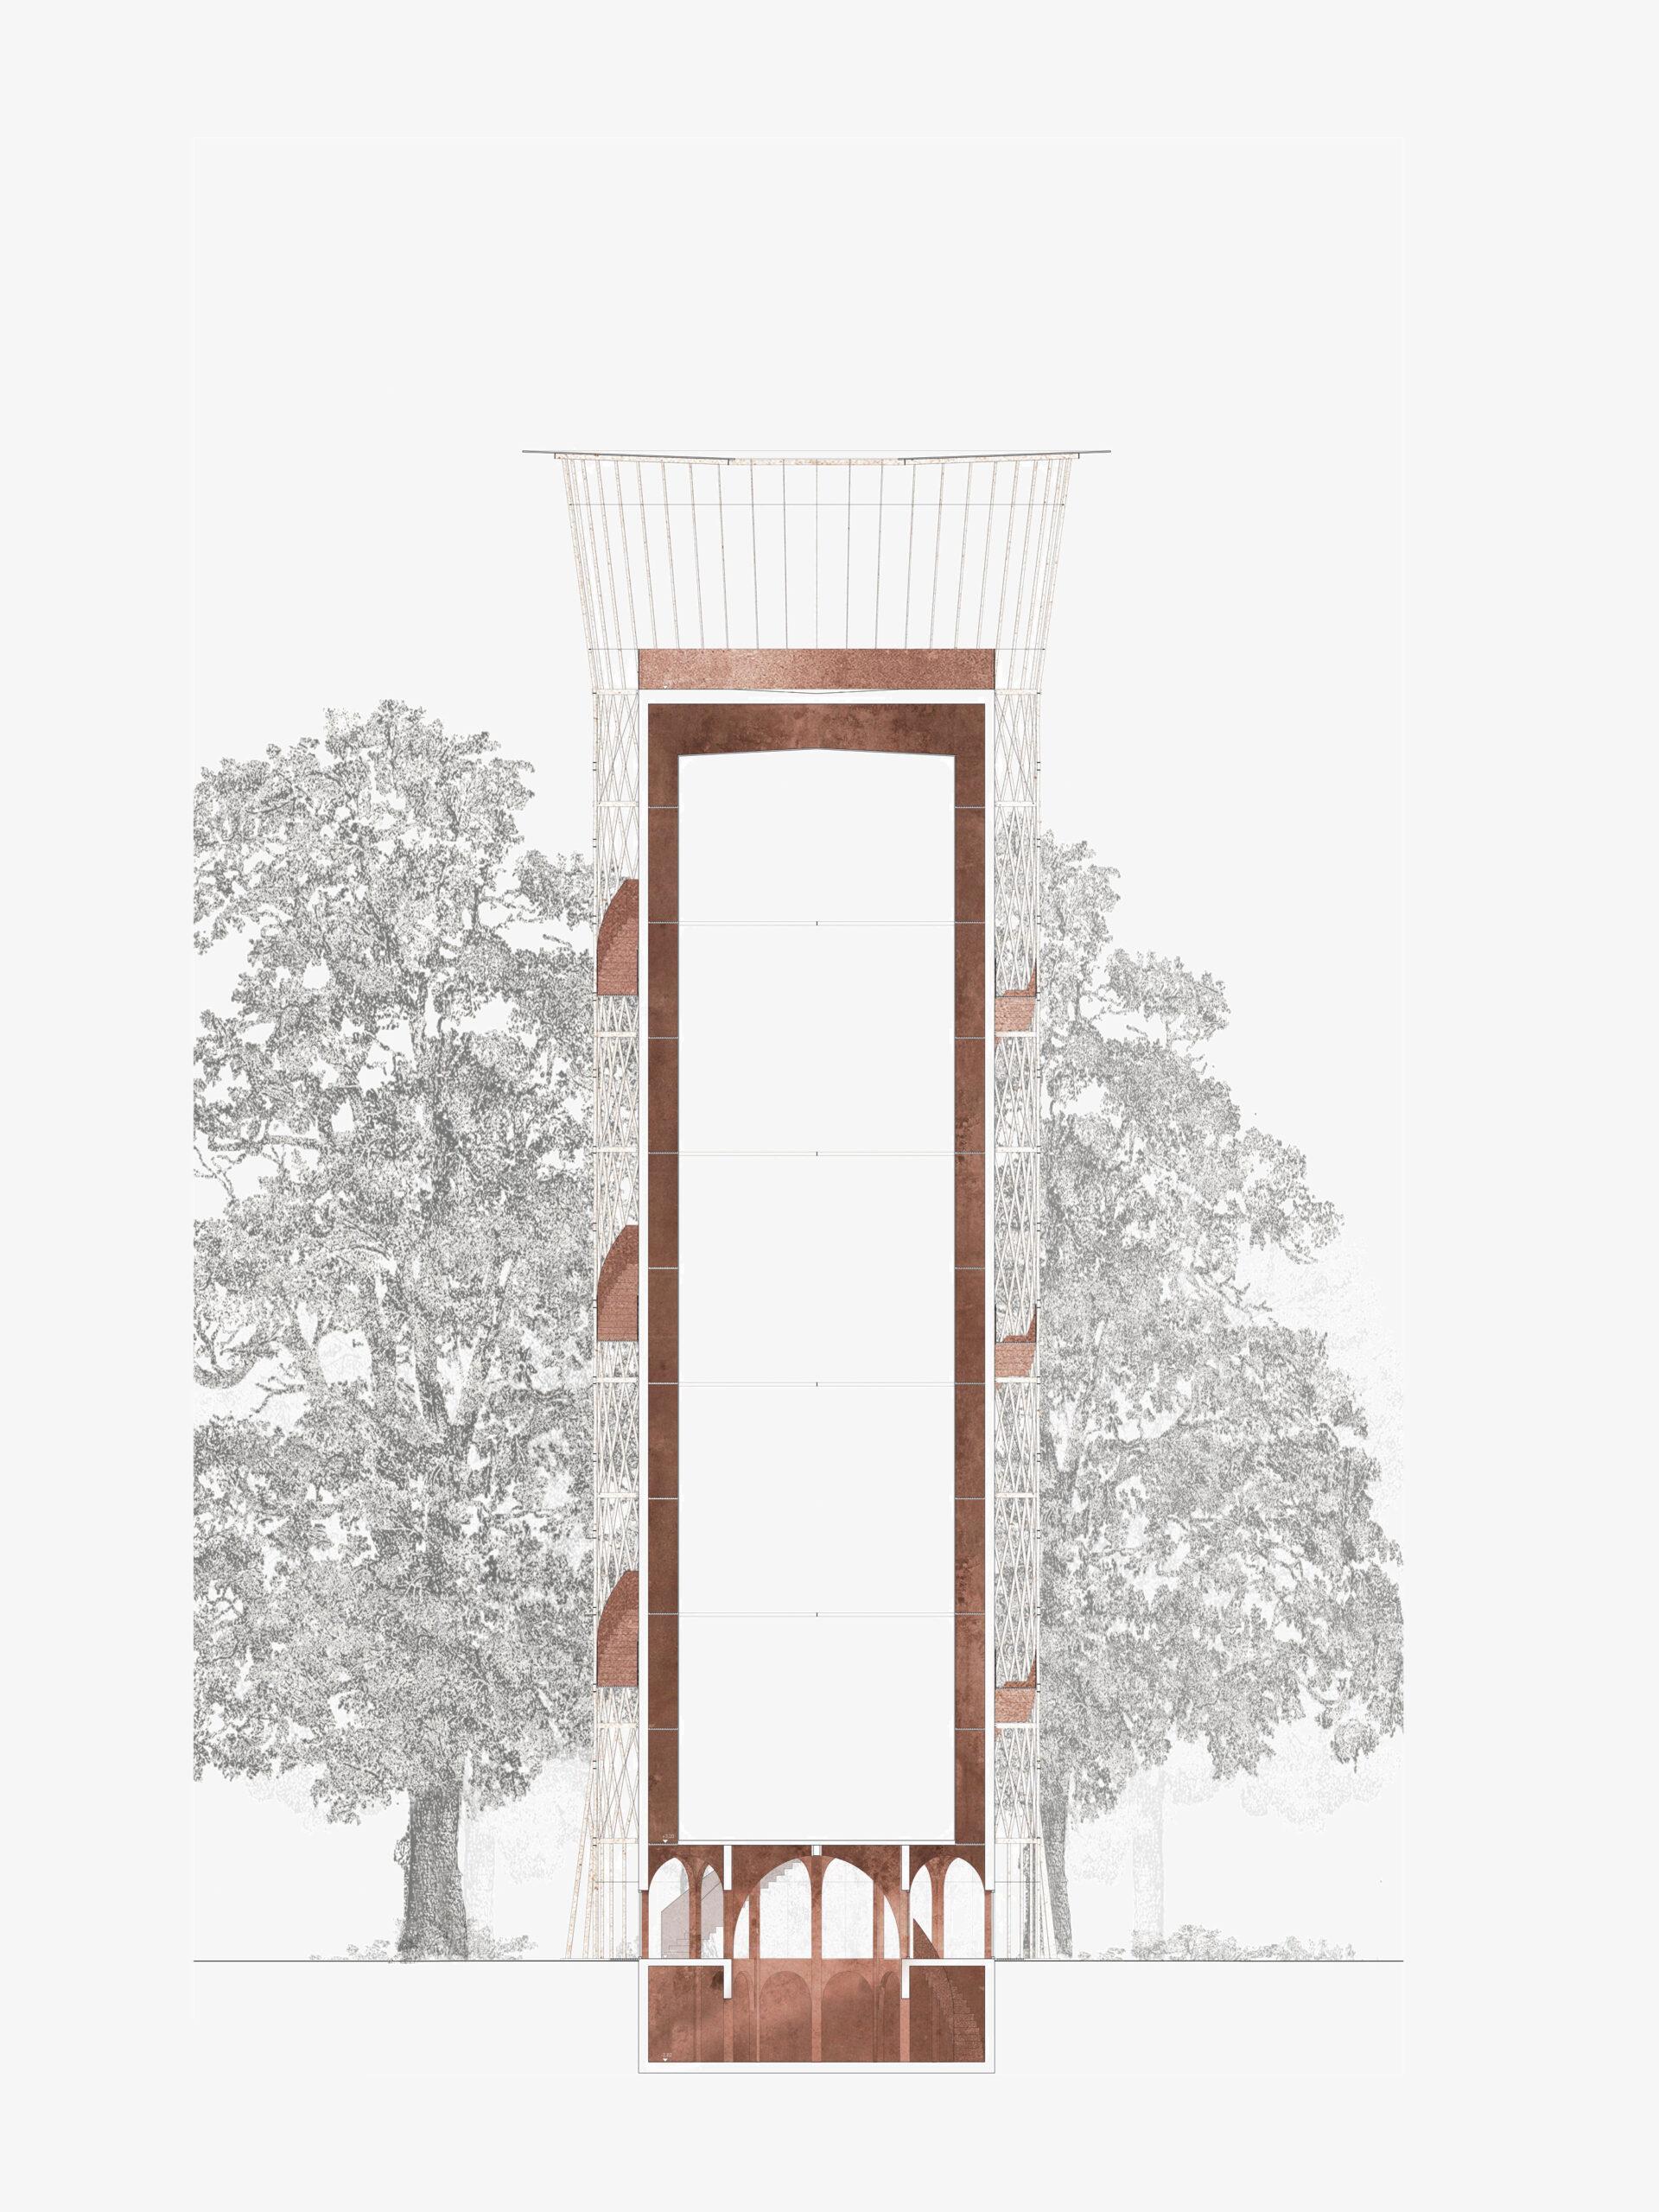 Michael-Becker-Architects-Architekten-Wasserturm-Donauwoerth-Schnitt